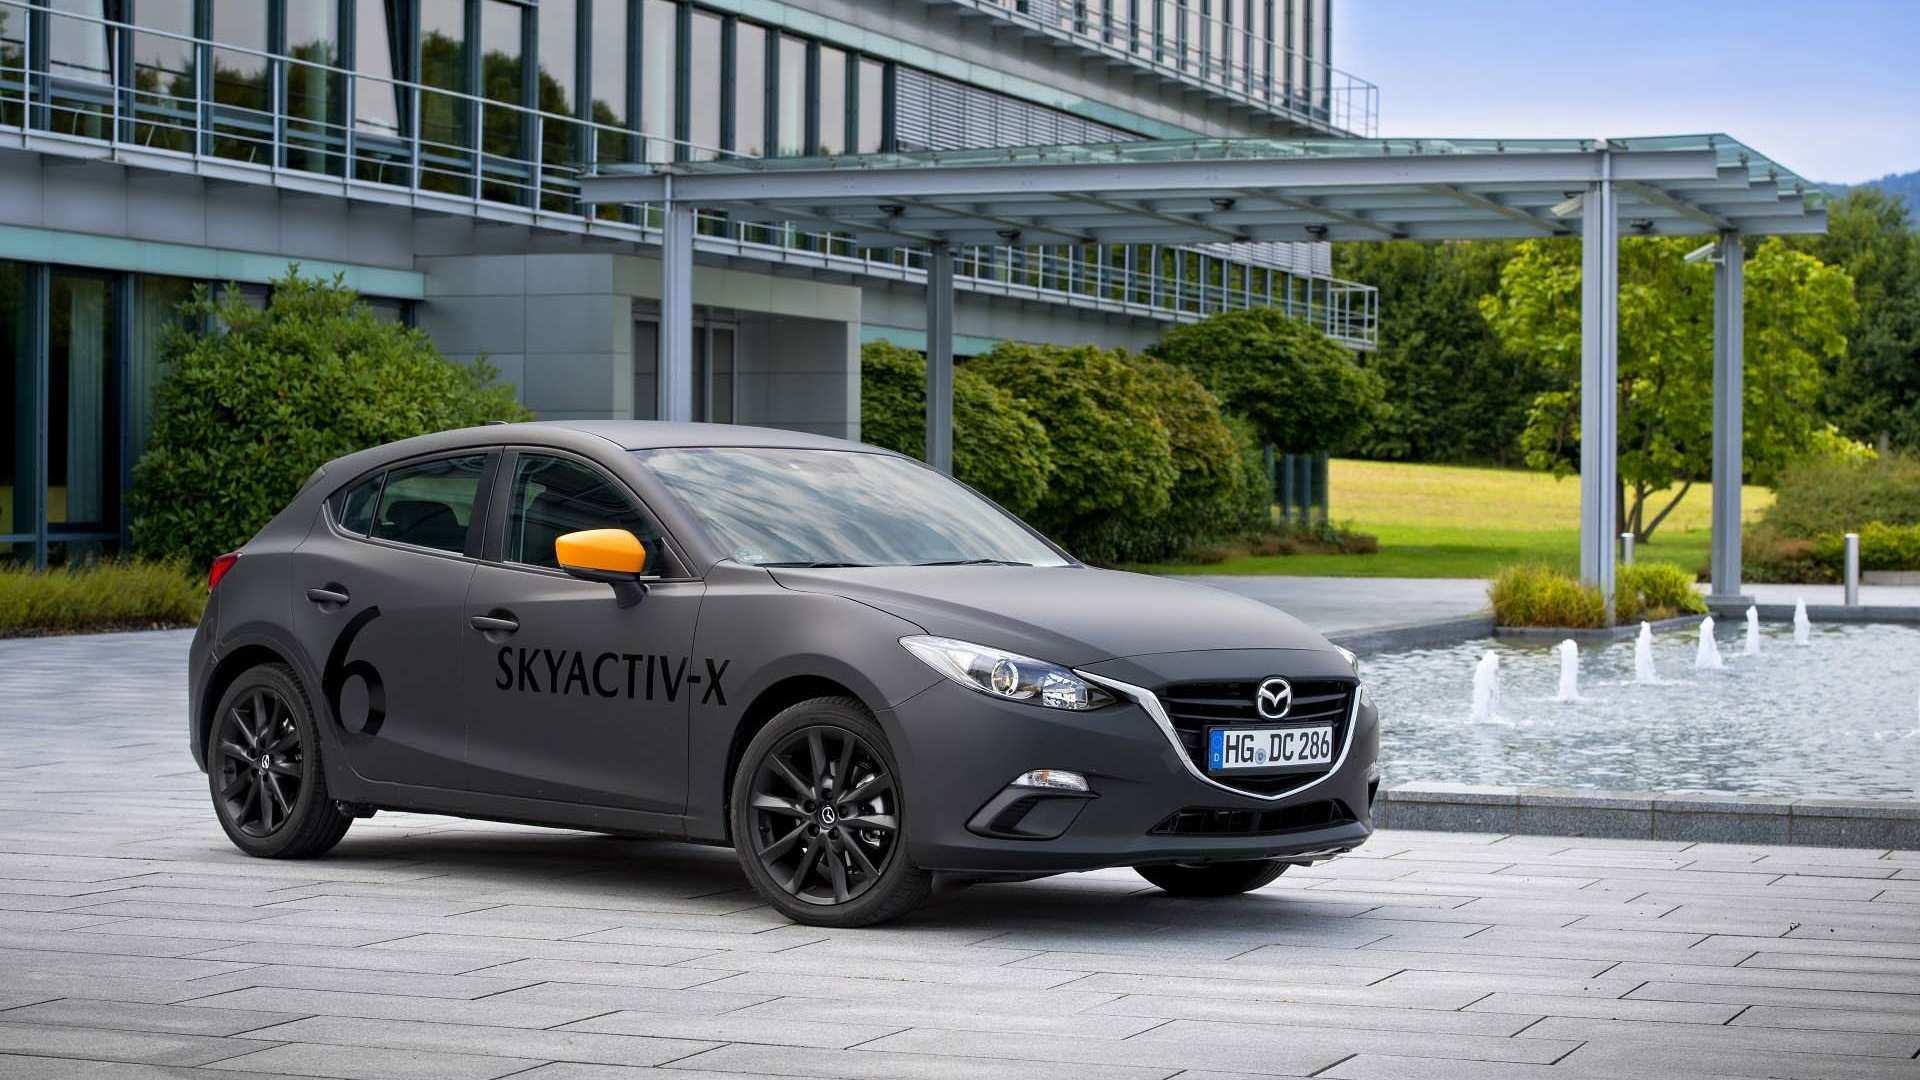 31 Gallery of 2020 Mazda 3 Gas Mileage Configurations for 2020 Mazda 3 Gas Mileage